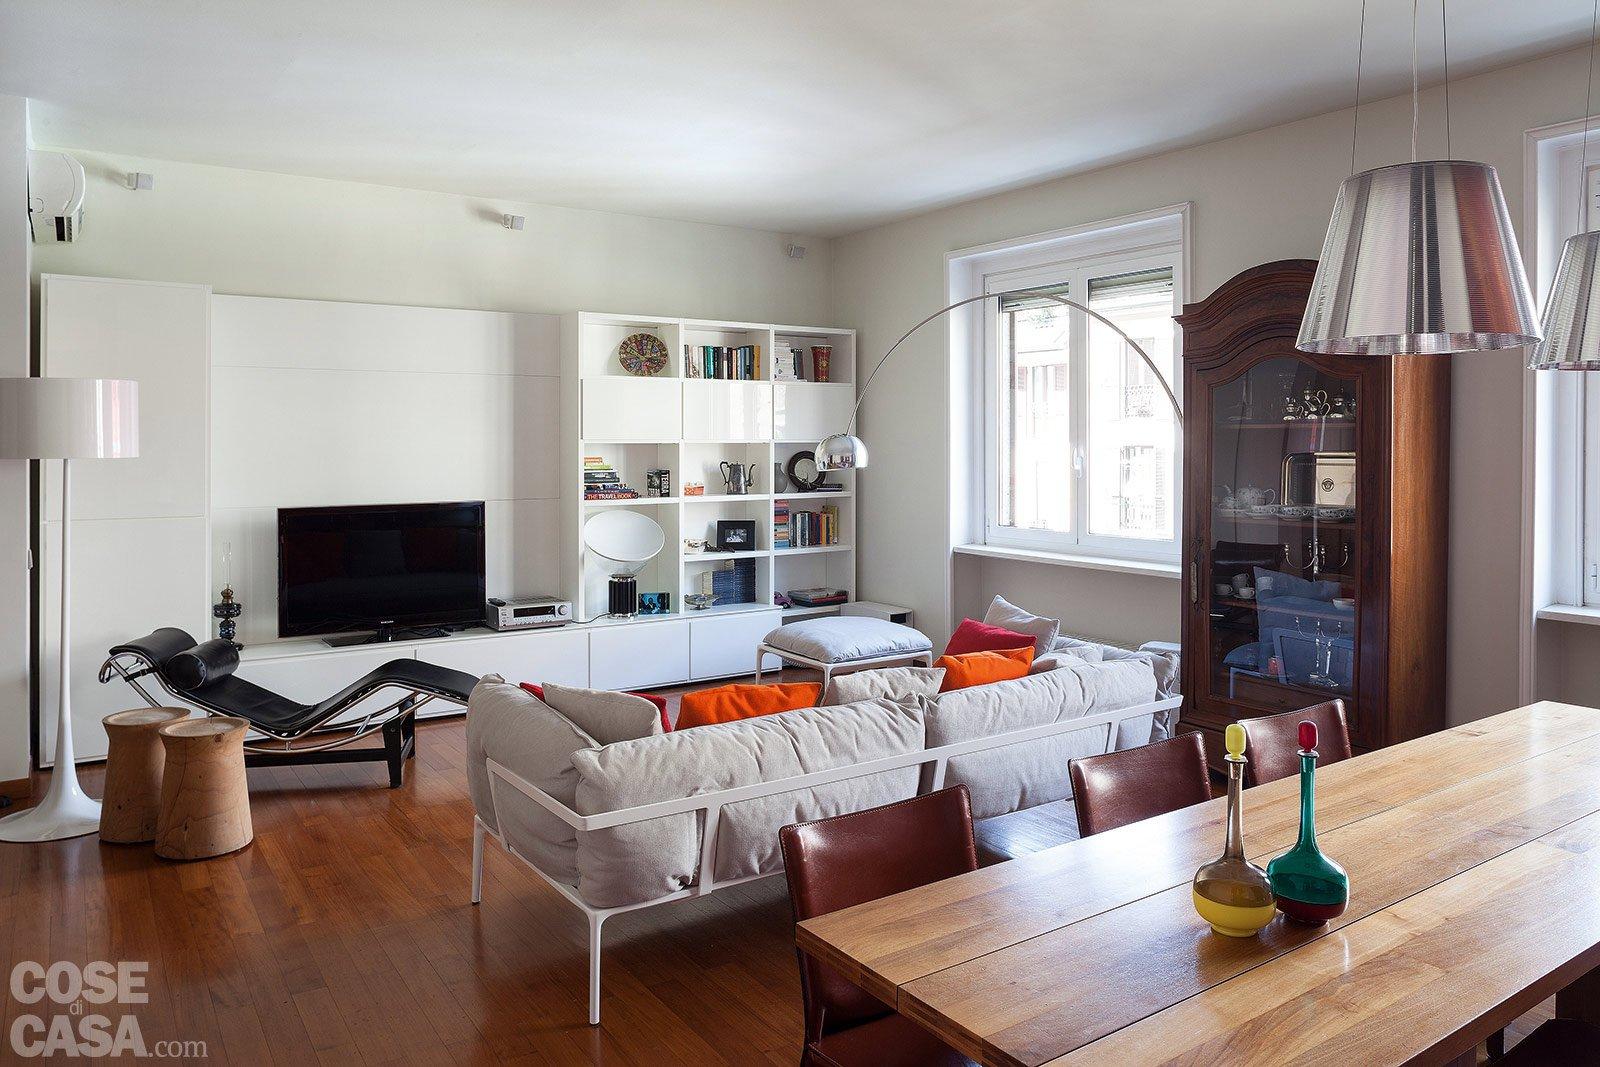 via il corridoio, spazi più ampi - cose di casa - Soggiorno Ad Angolo Moderno 2